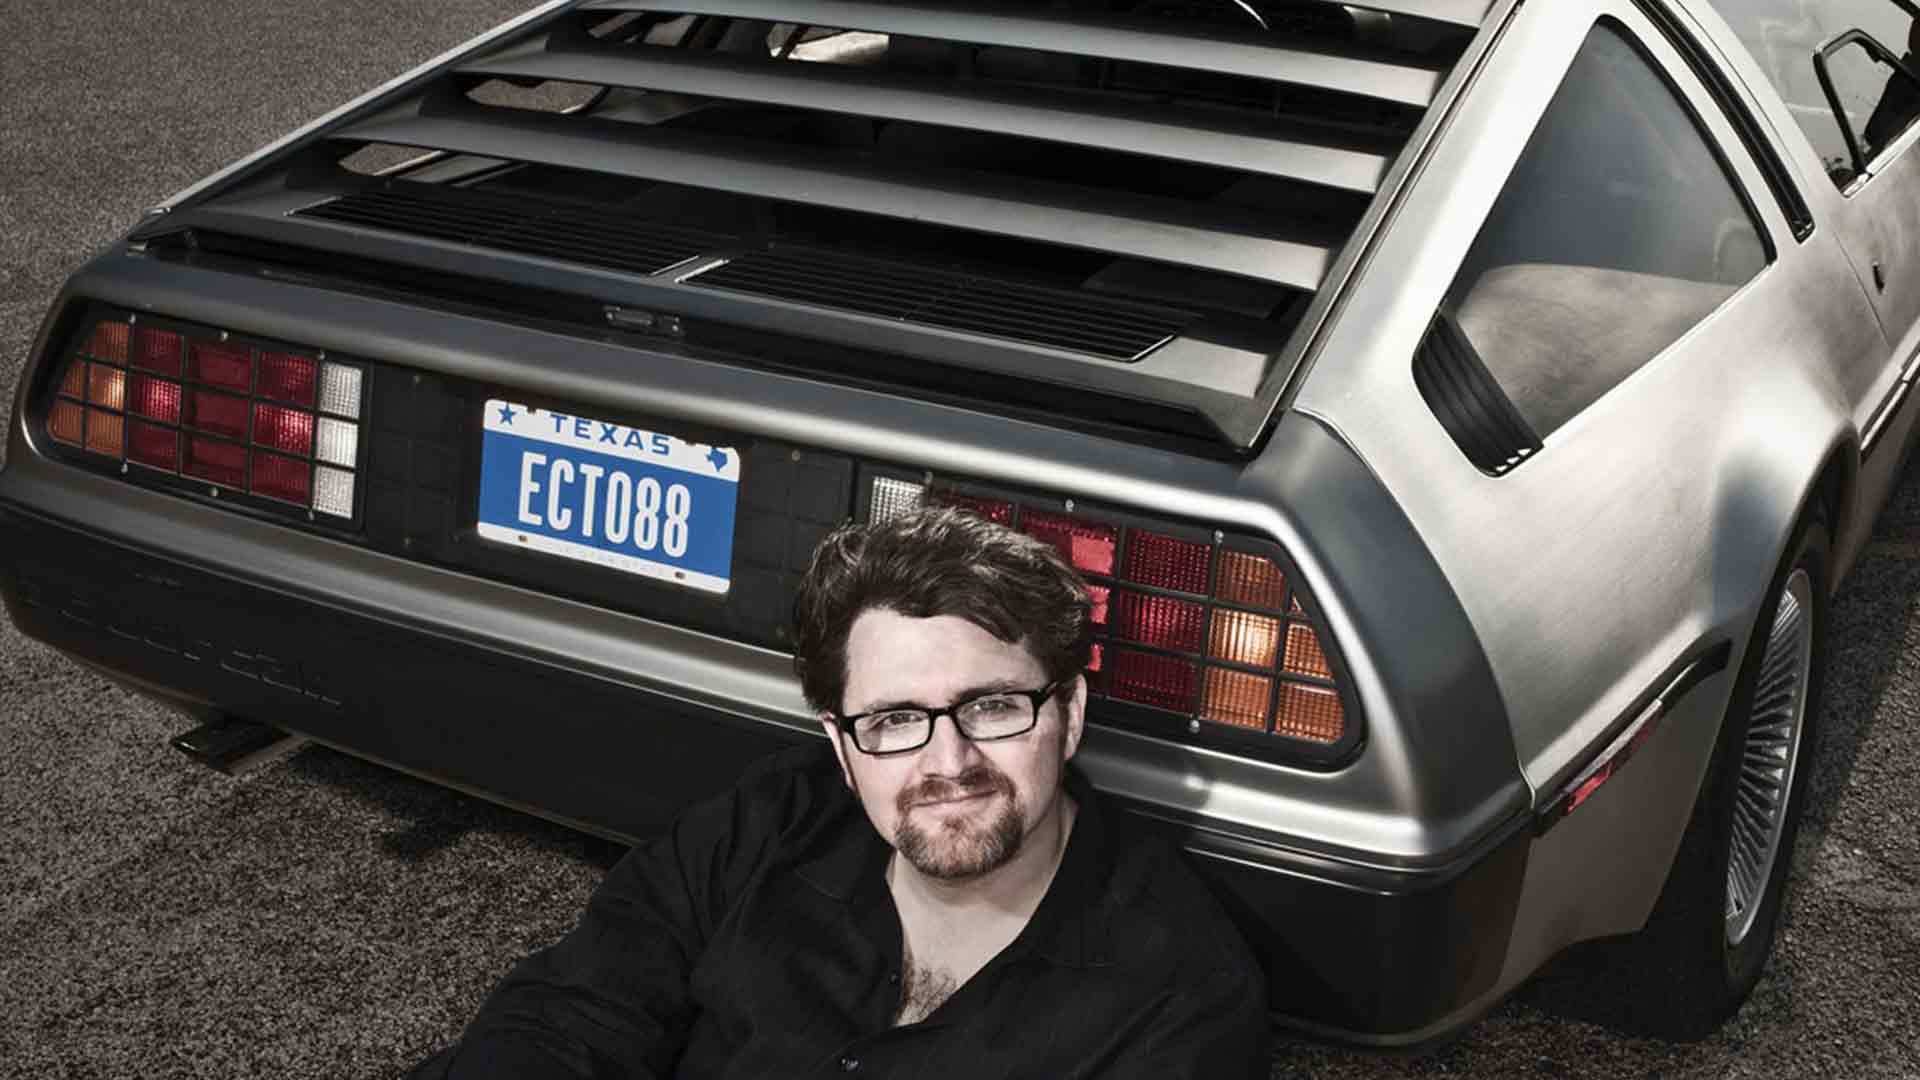 Ecto 88   DeLoreanDirectory.com